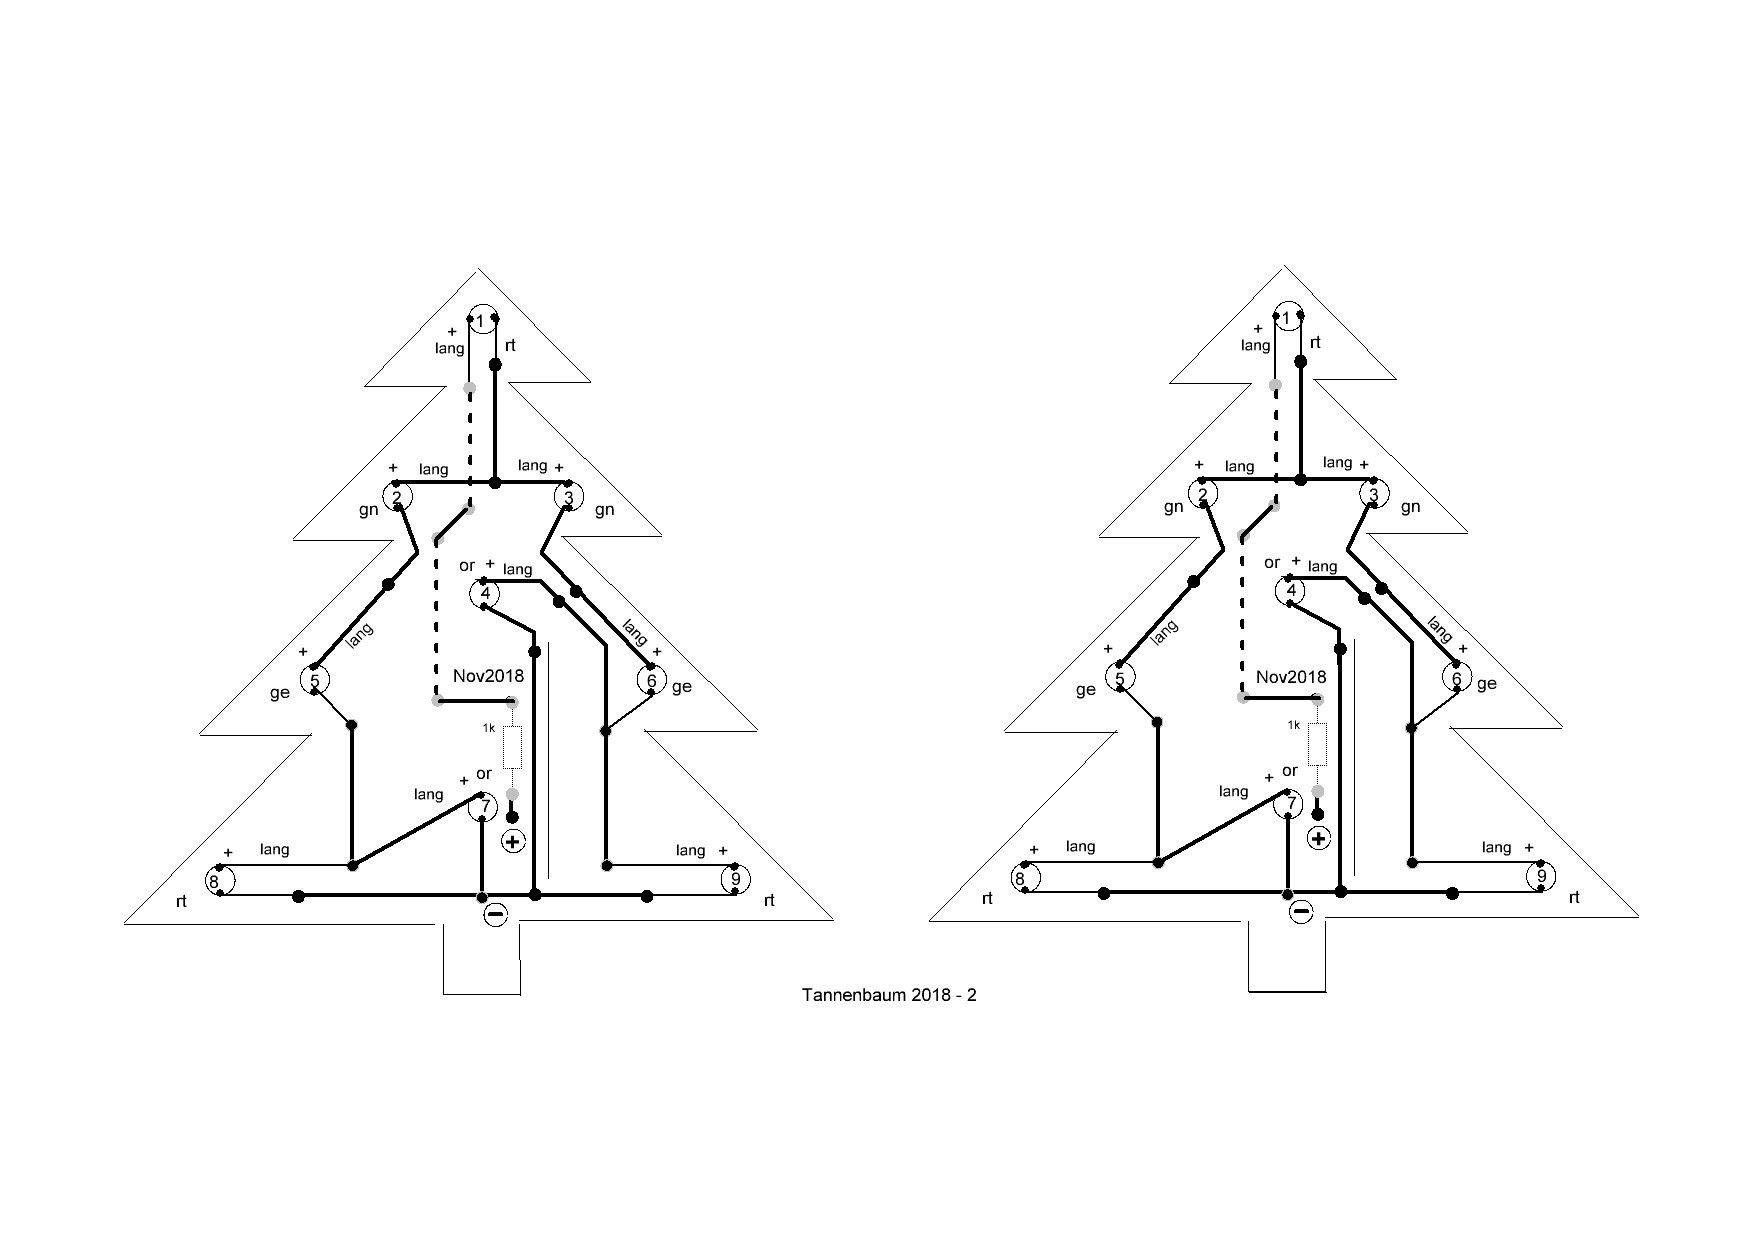 malvorlagen tannenbaum text  amorphi